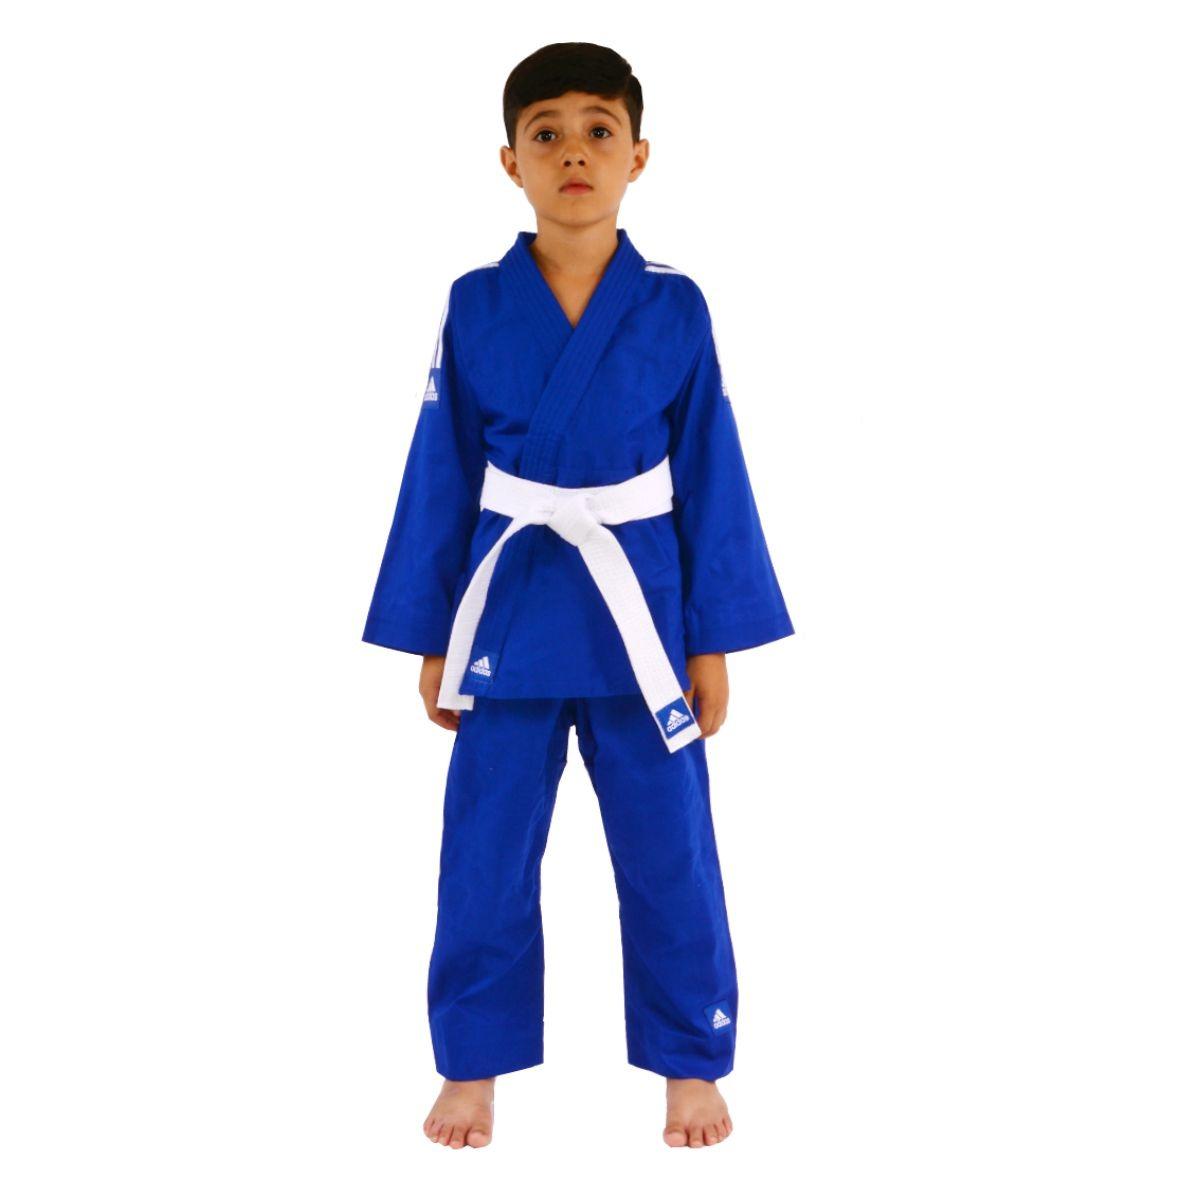 01d8c731187 kimono judô adidas infantil reforçado azul - 30% off. Carregando zoom.